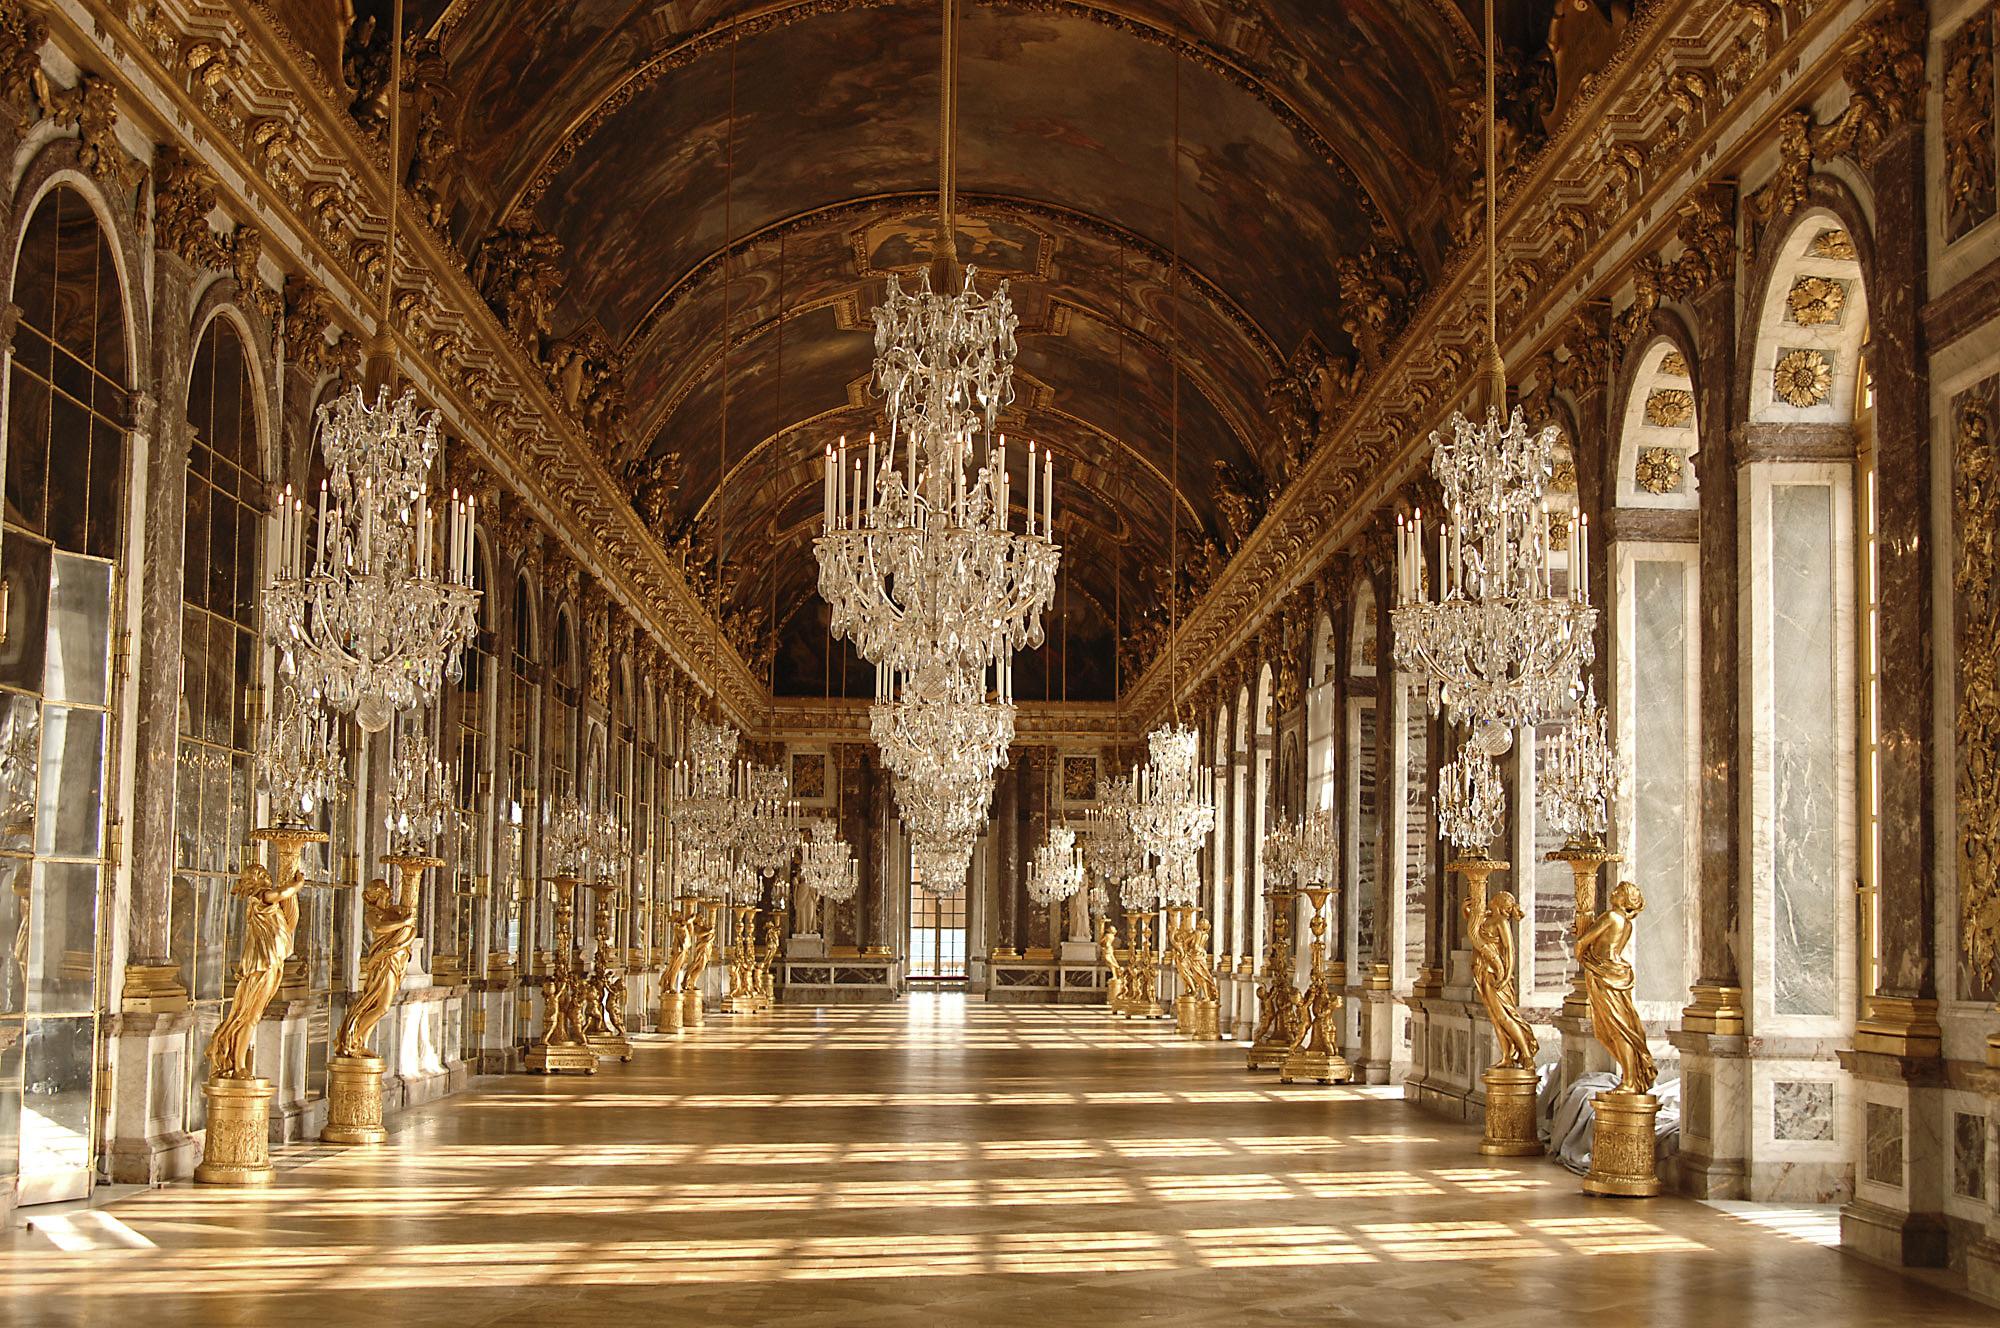 J.H. Mansart y Charles Lebrun. Galería de los Espejos. 1678-1684. Palacio de Versalles. La Galería de los Espejos, de 70 metros de largo y 10'50 metros de ancho, supuso un hito en su tiempo ya que permitía a las personas verse de cuerpo entero